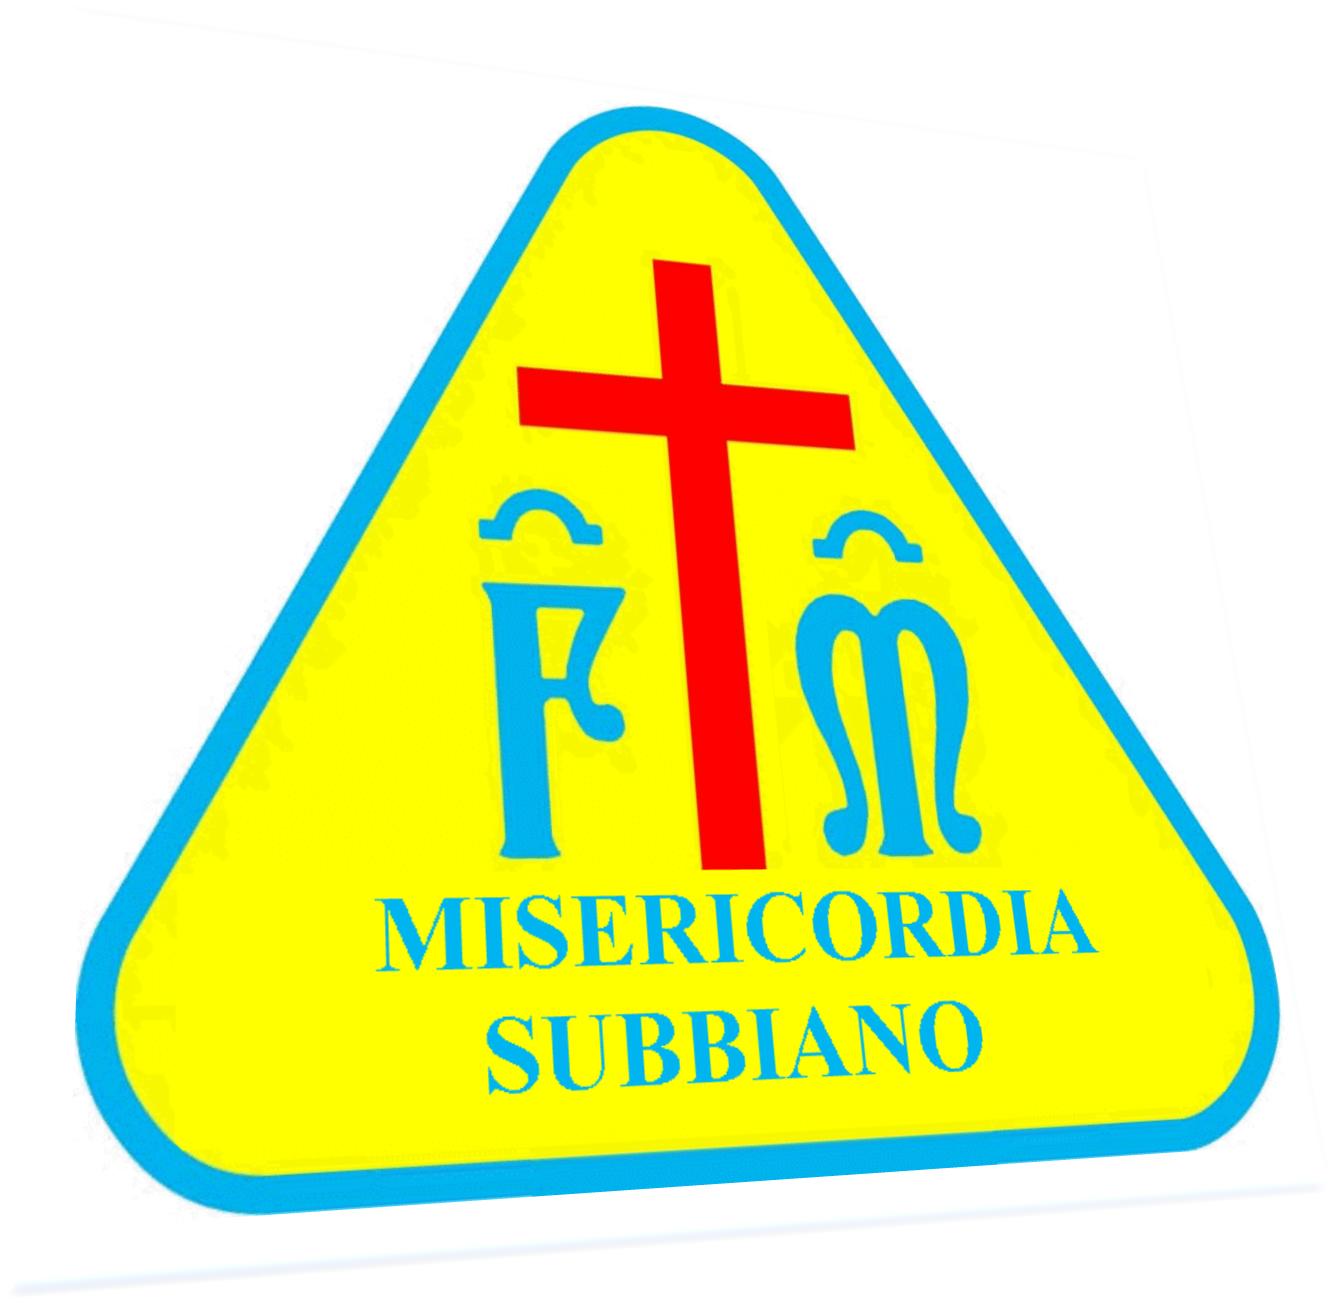 logo-misericordia-subbiano